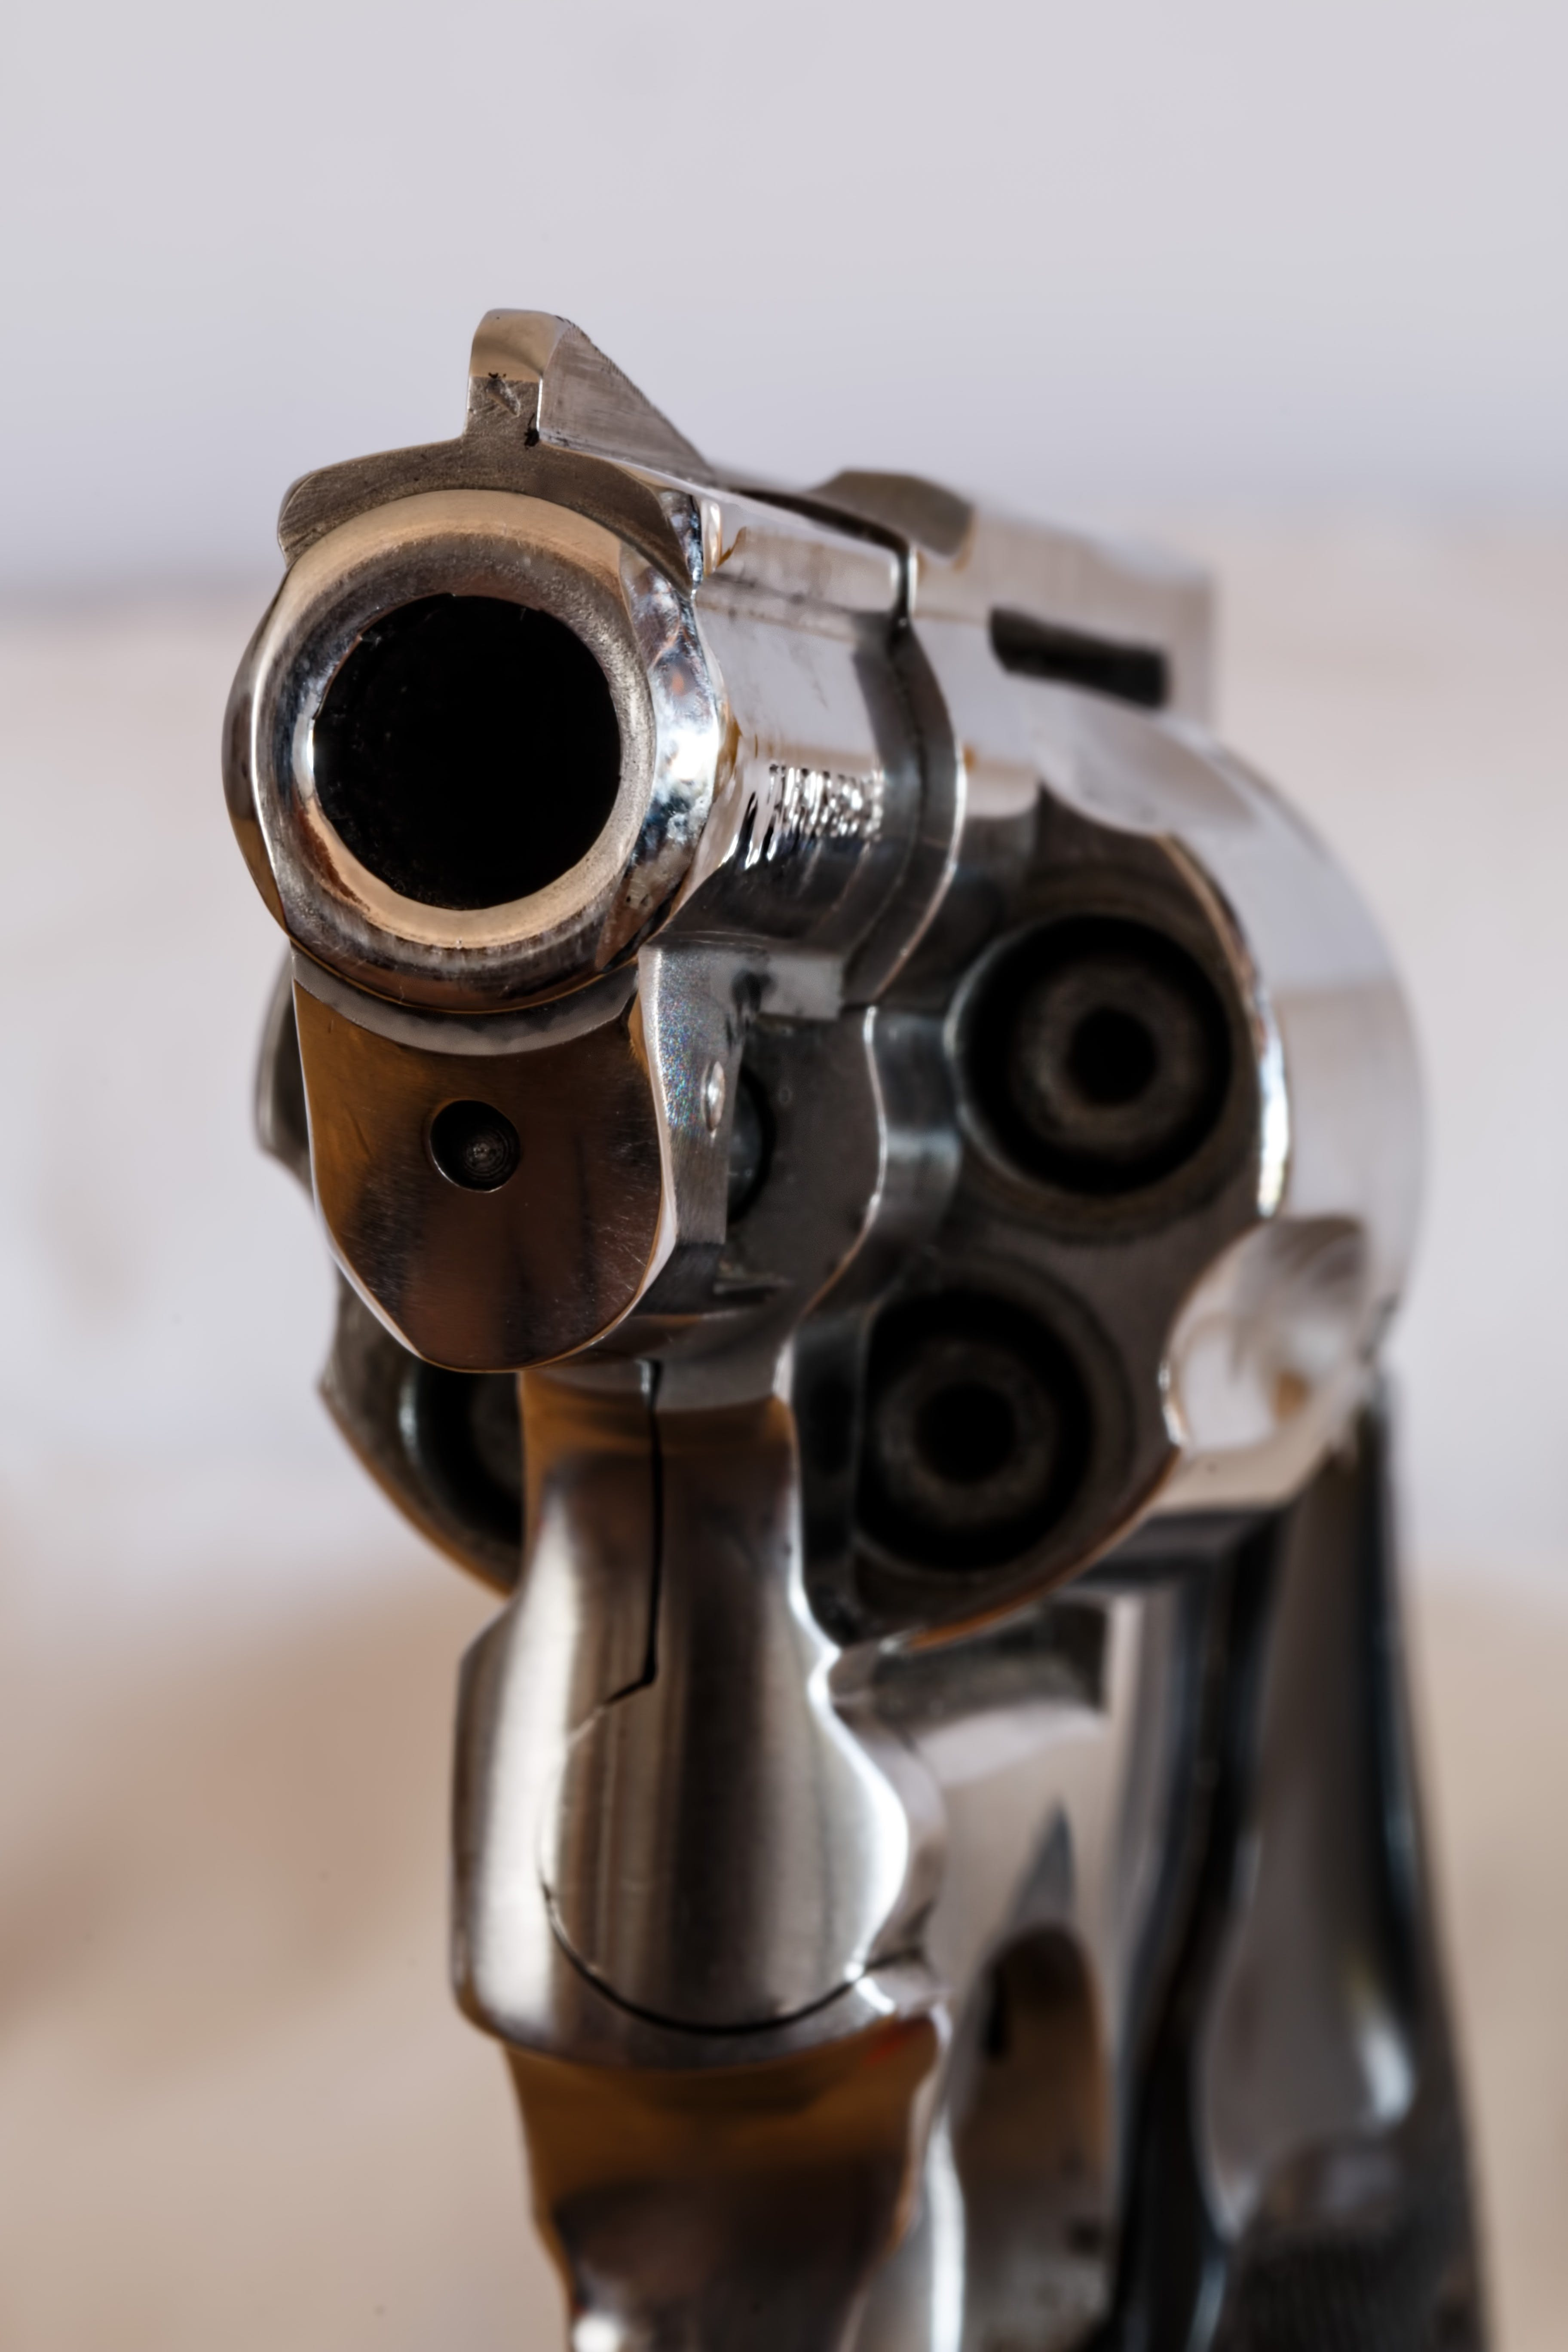 Gratis stockfoto met close-up, geweer, handgeweer, revolver